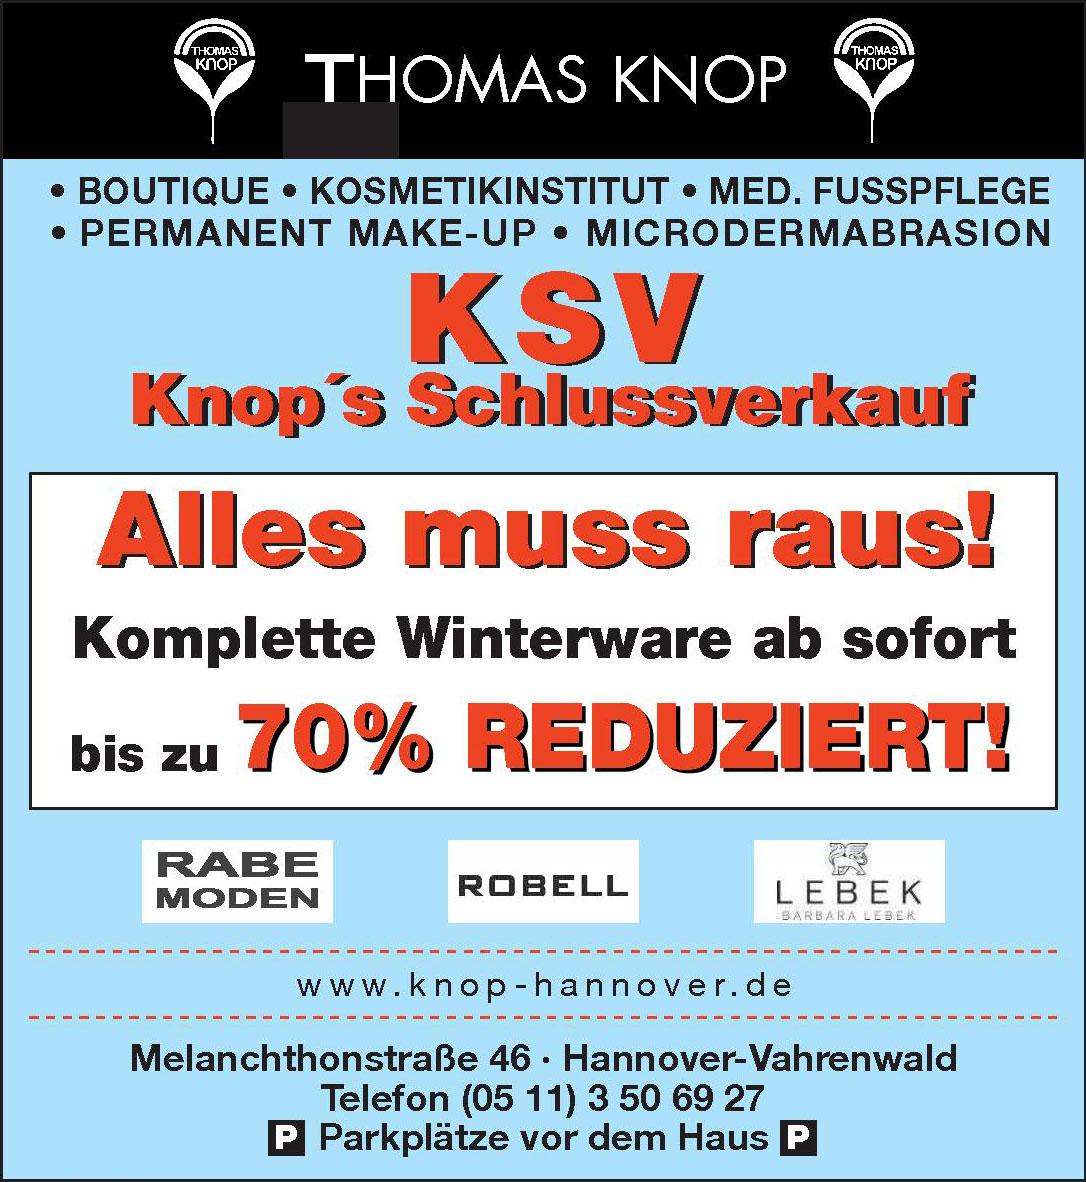 Thomas Knop